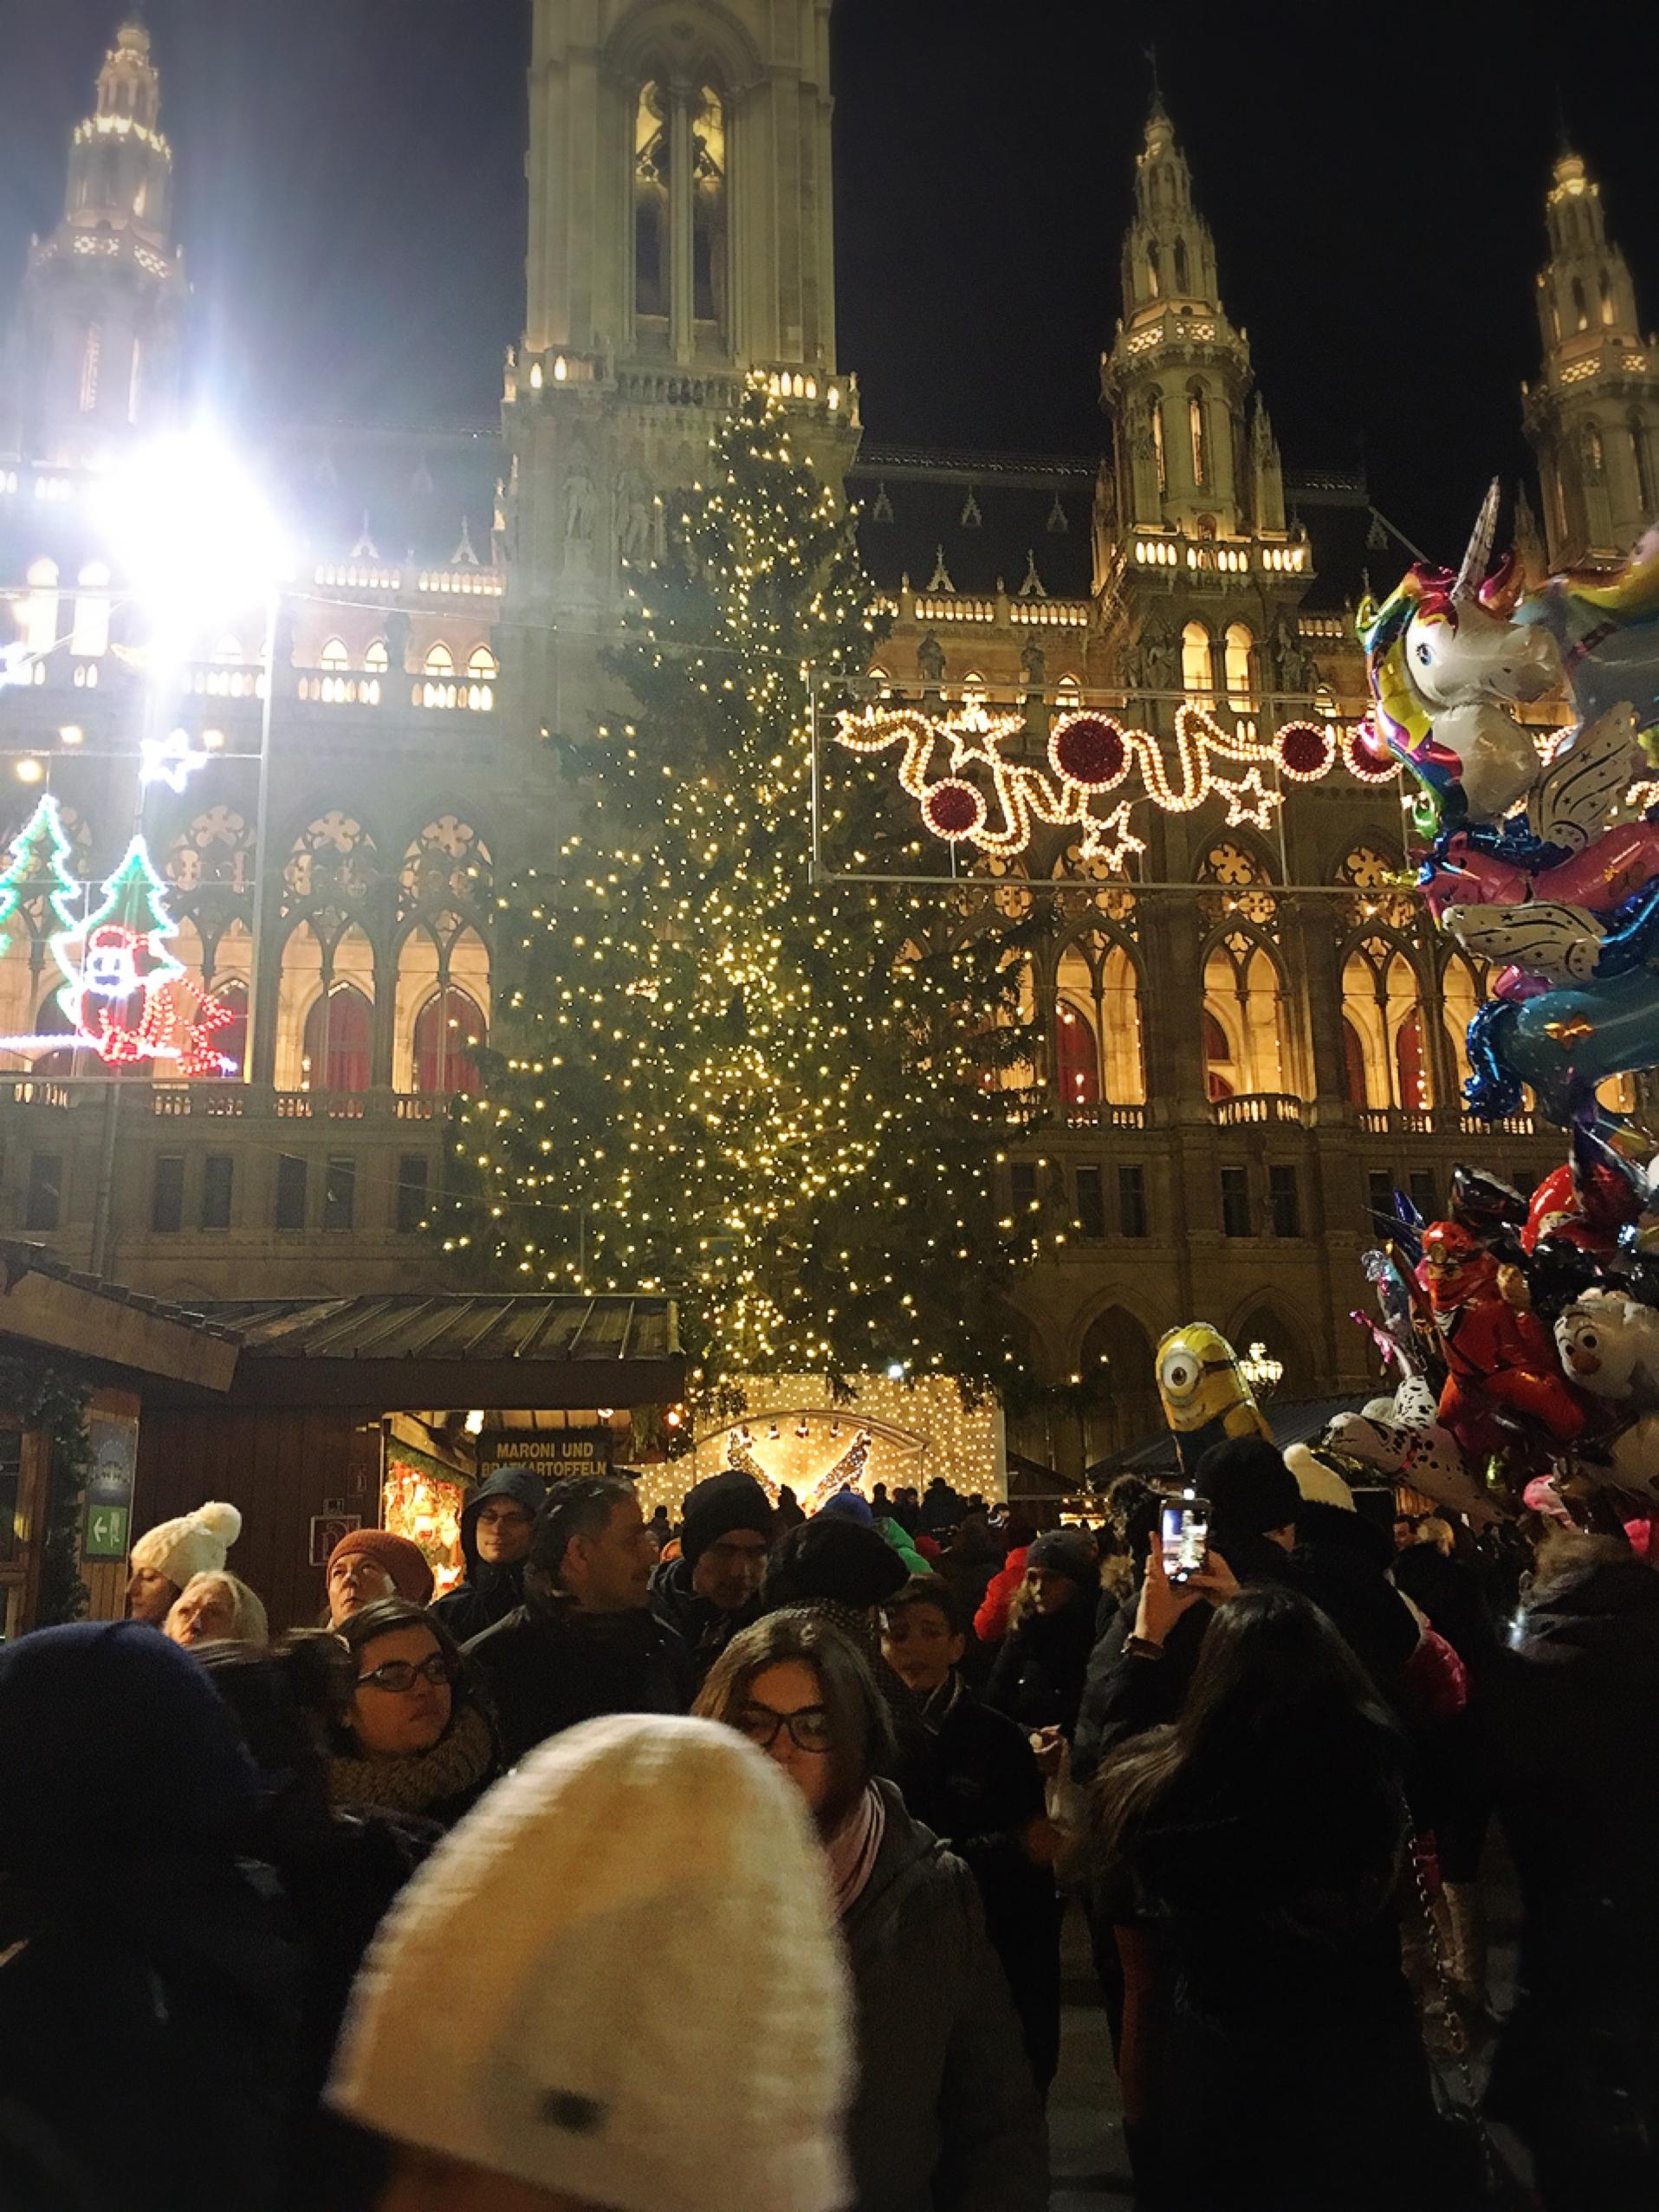 ウィーン市庁舎のマーケット_1_5